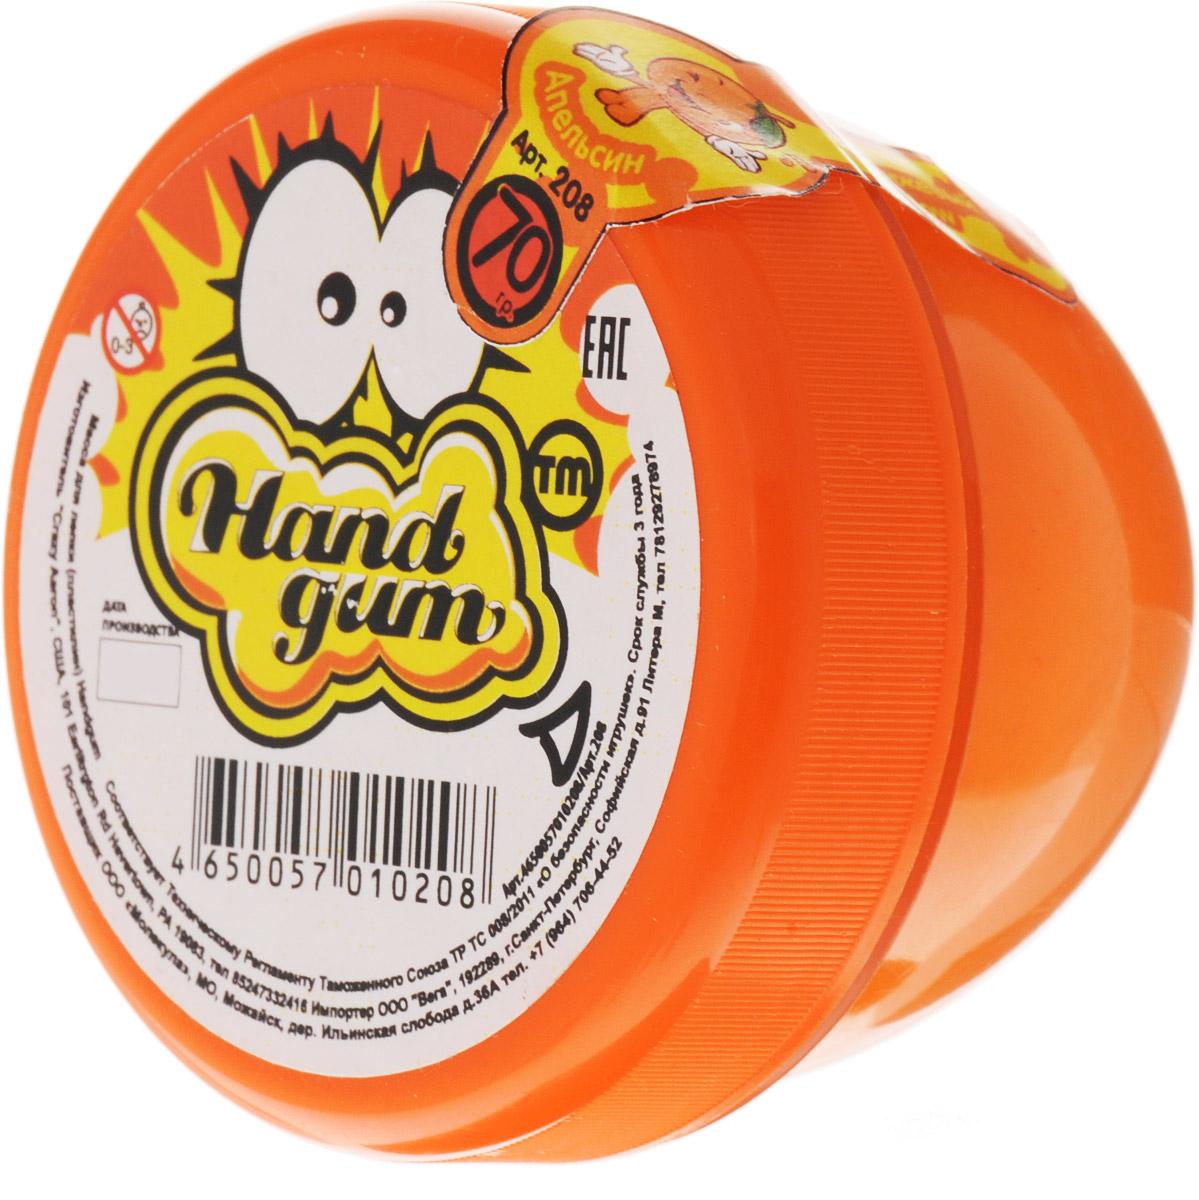 Жвачка для рук  ТМ HandGum , цвет: оранжевый, с запахом апельсина, 70 г - Развлекательные игрушки